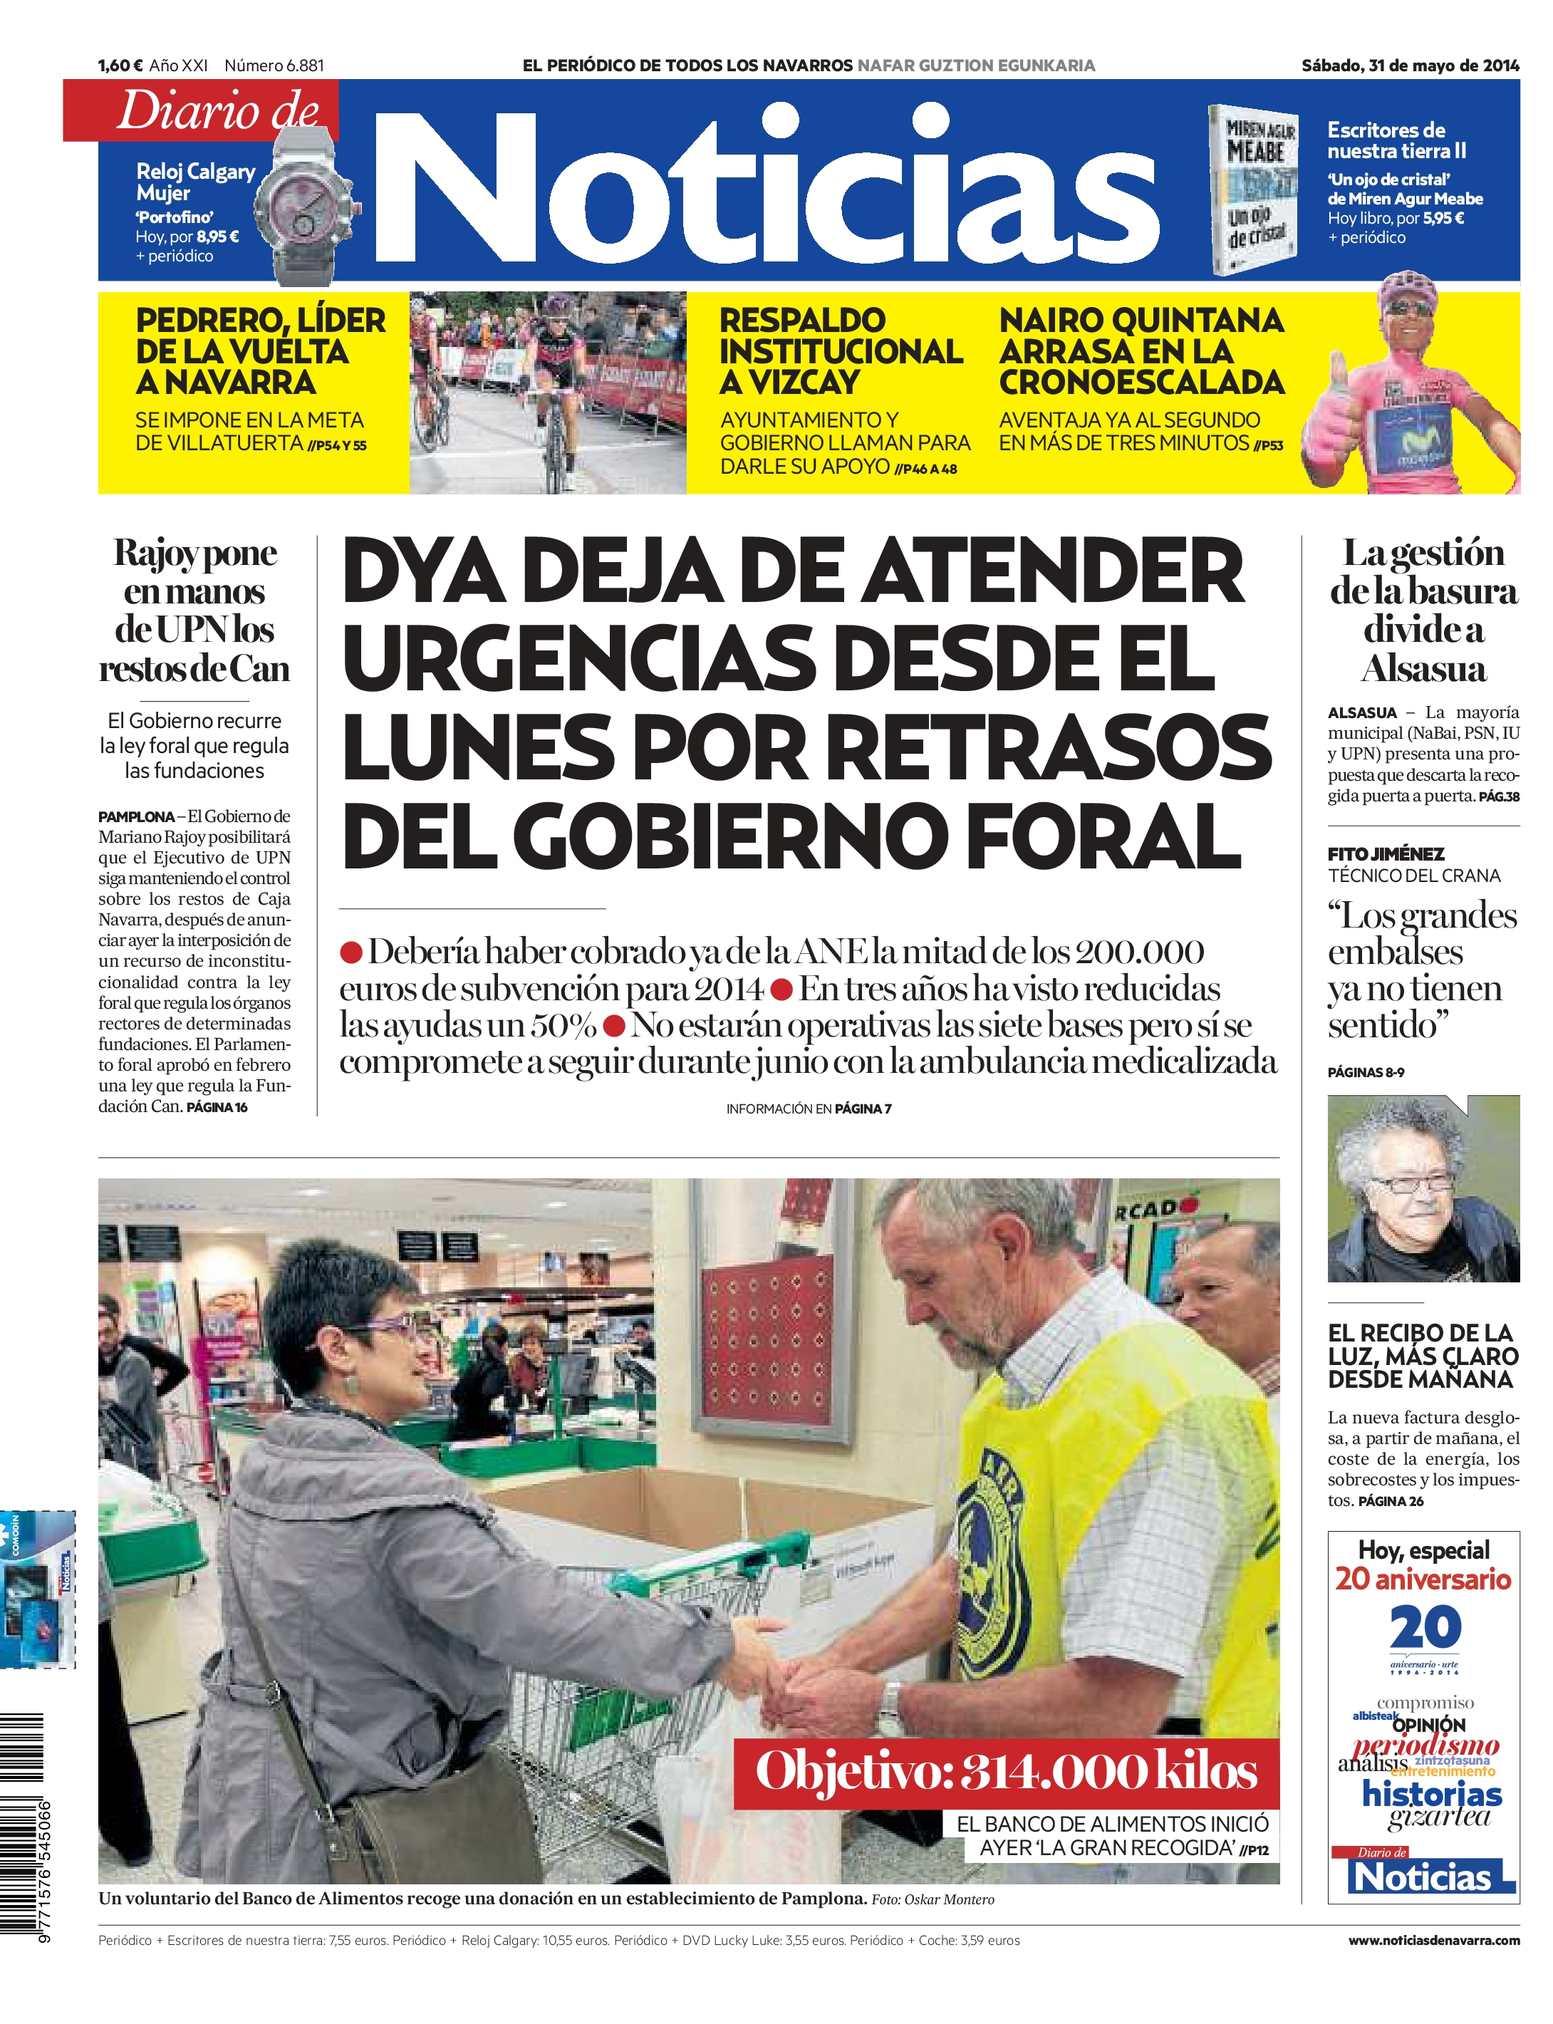 Calaméo - Diario de Noticias 20140531